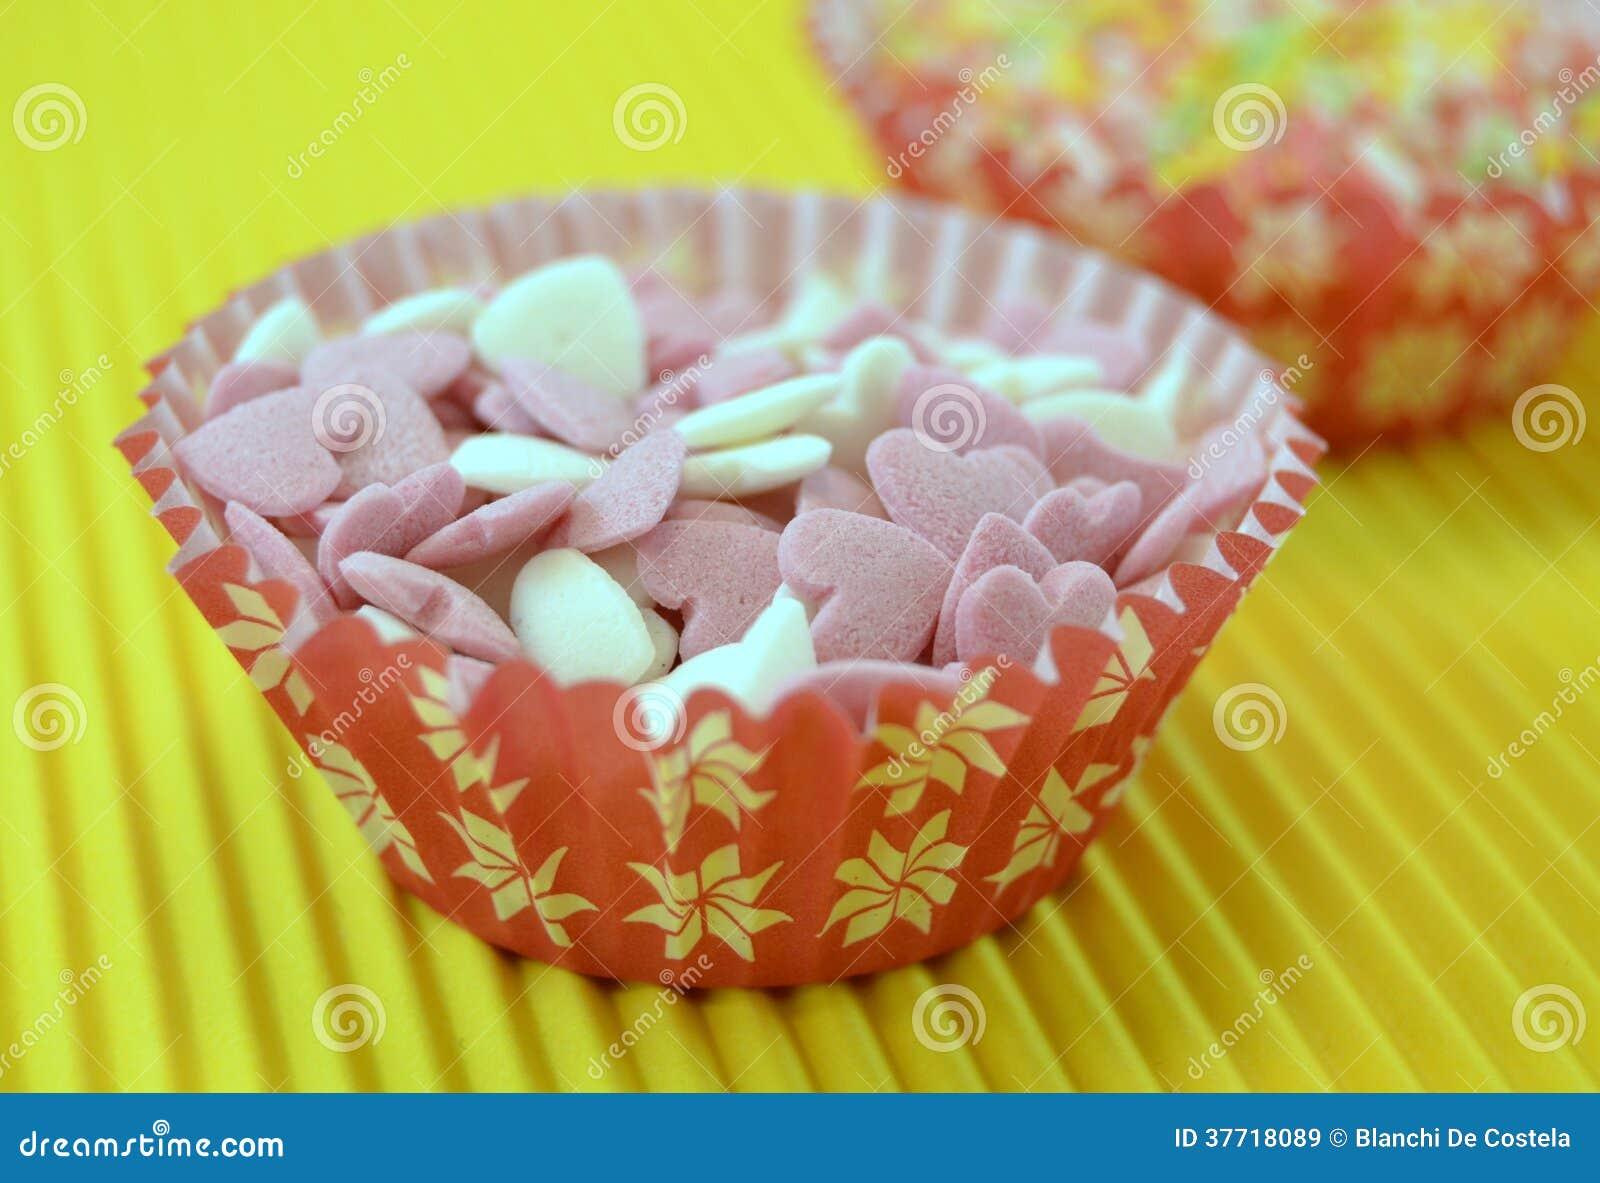 Sussigkeiten Zum Von Kuchen Zu Verzieren Stockbild Bild Von